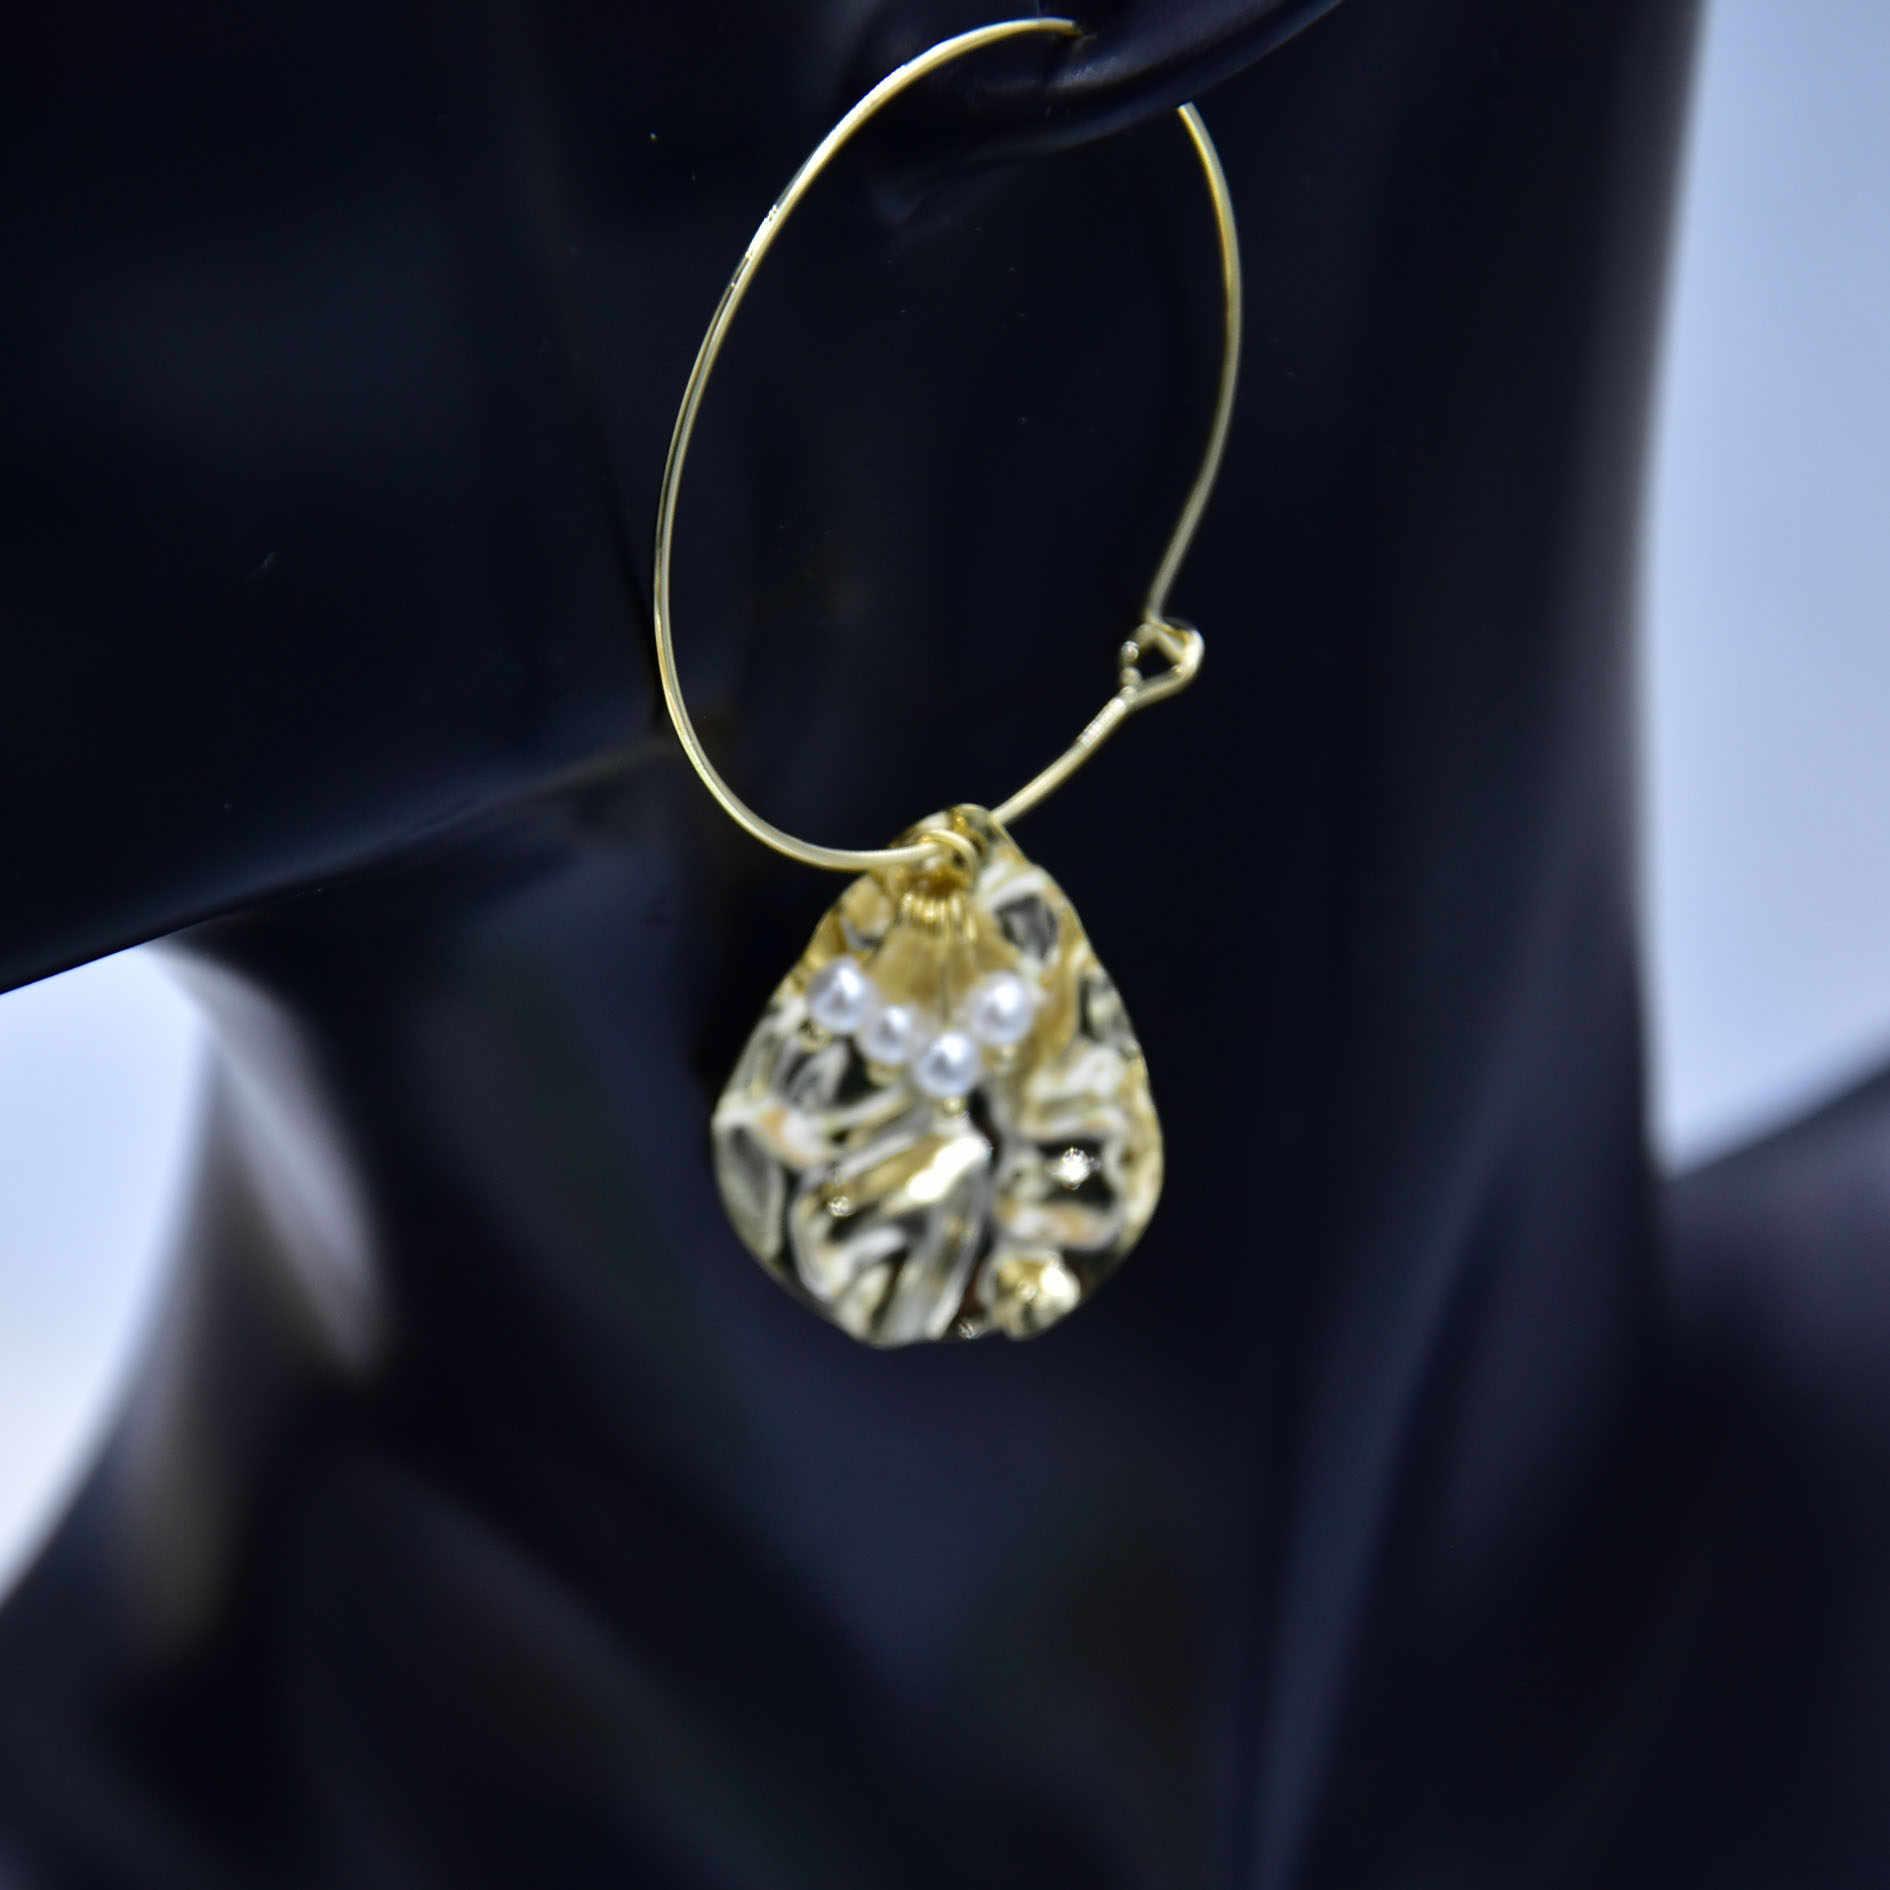 Новые модные женские круглые подвеска в форме сердца серьги вечерние пресноводные жемчужные серьги в форме листа Cerun модных женских ювелирных изделий